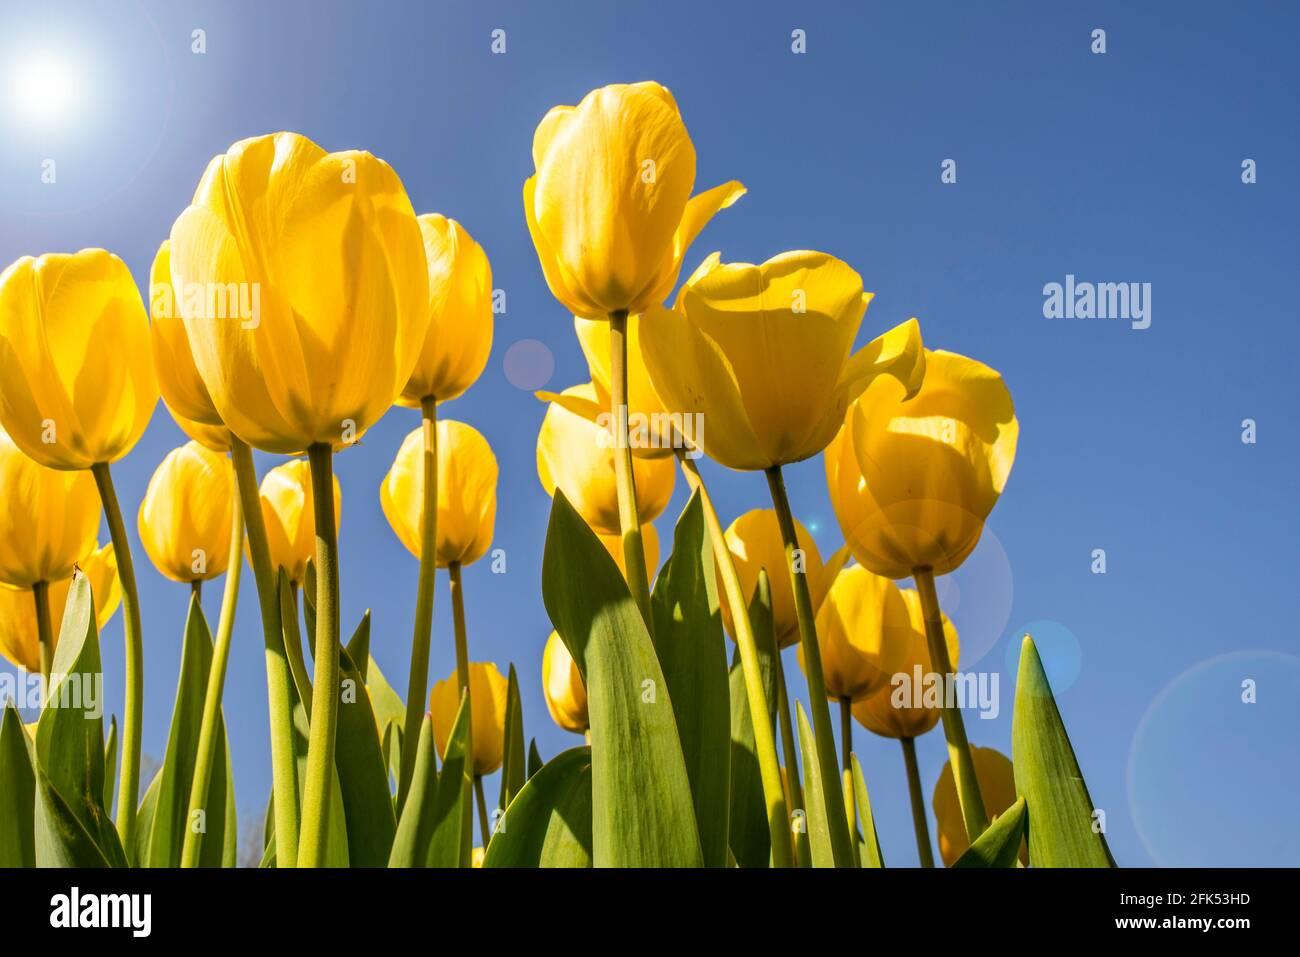 Vue de l'œil de ver montrant des tulipes jaunes (Tulipa sp.) fleurissant au printemps contre le ciel bleu Banque D'Images